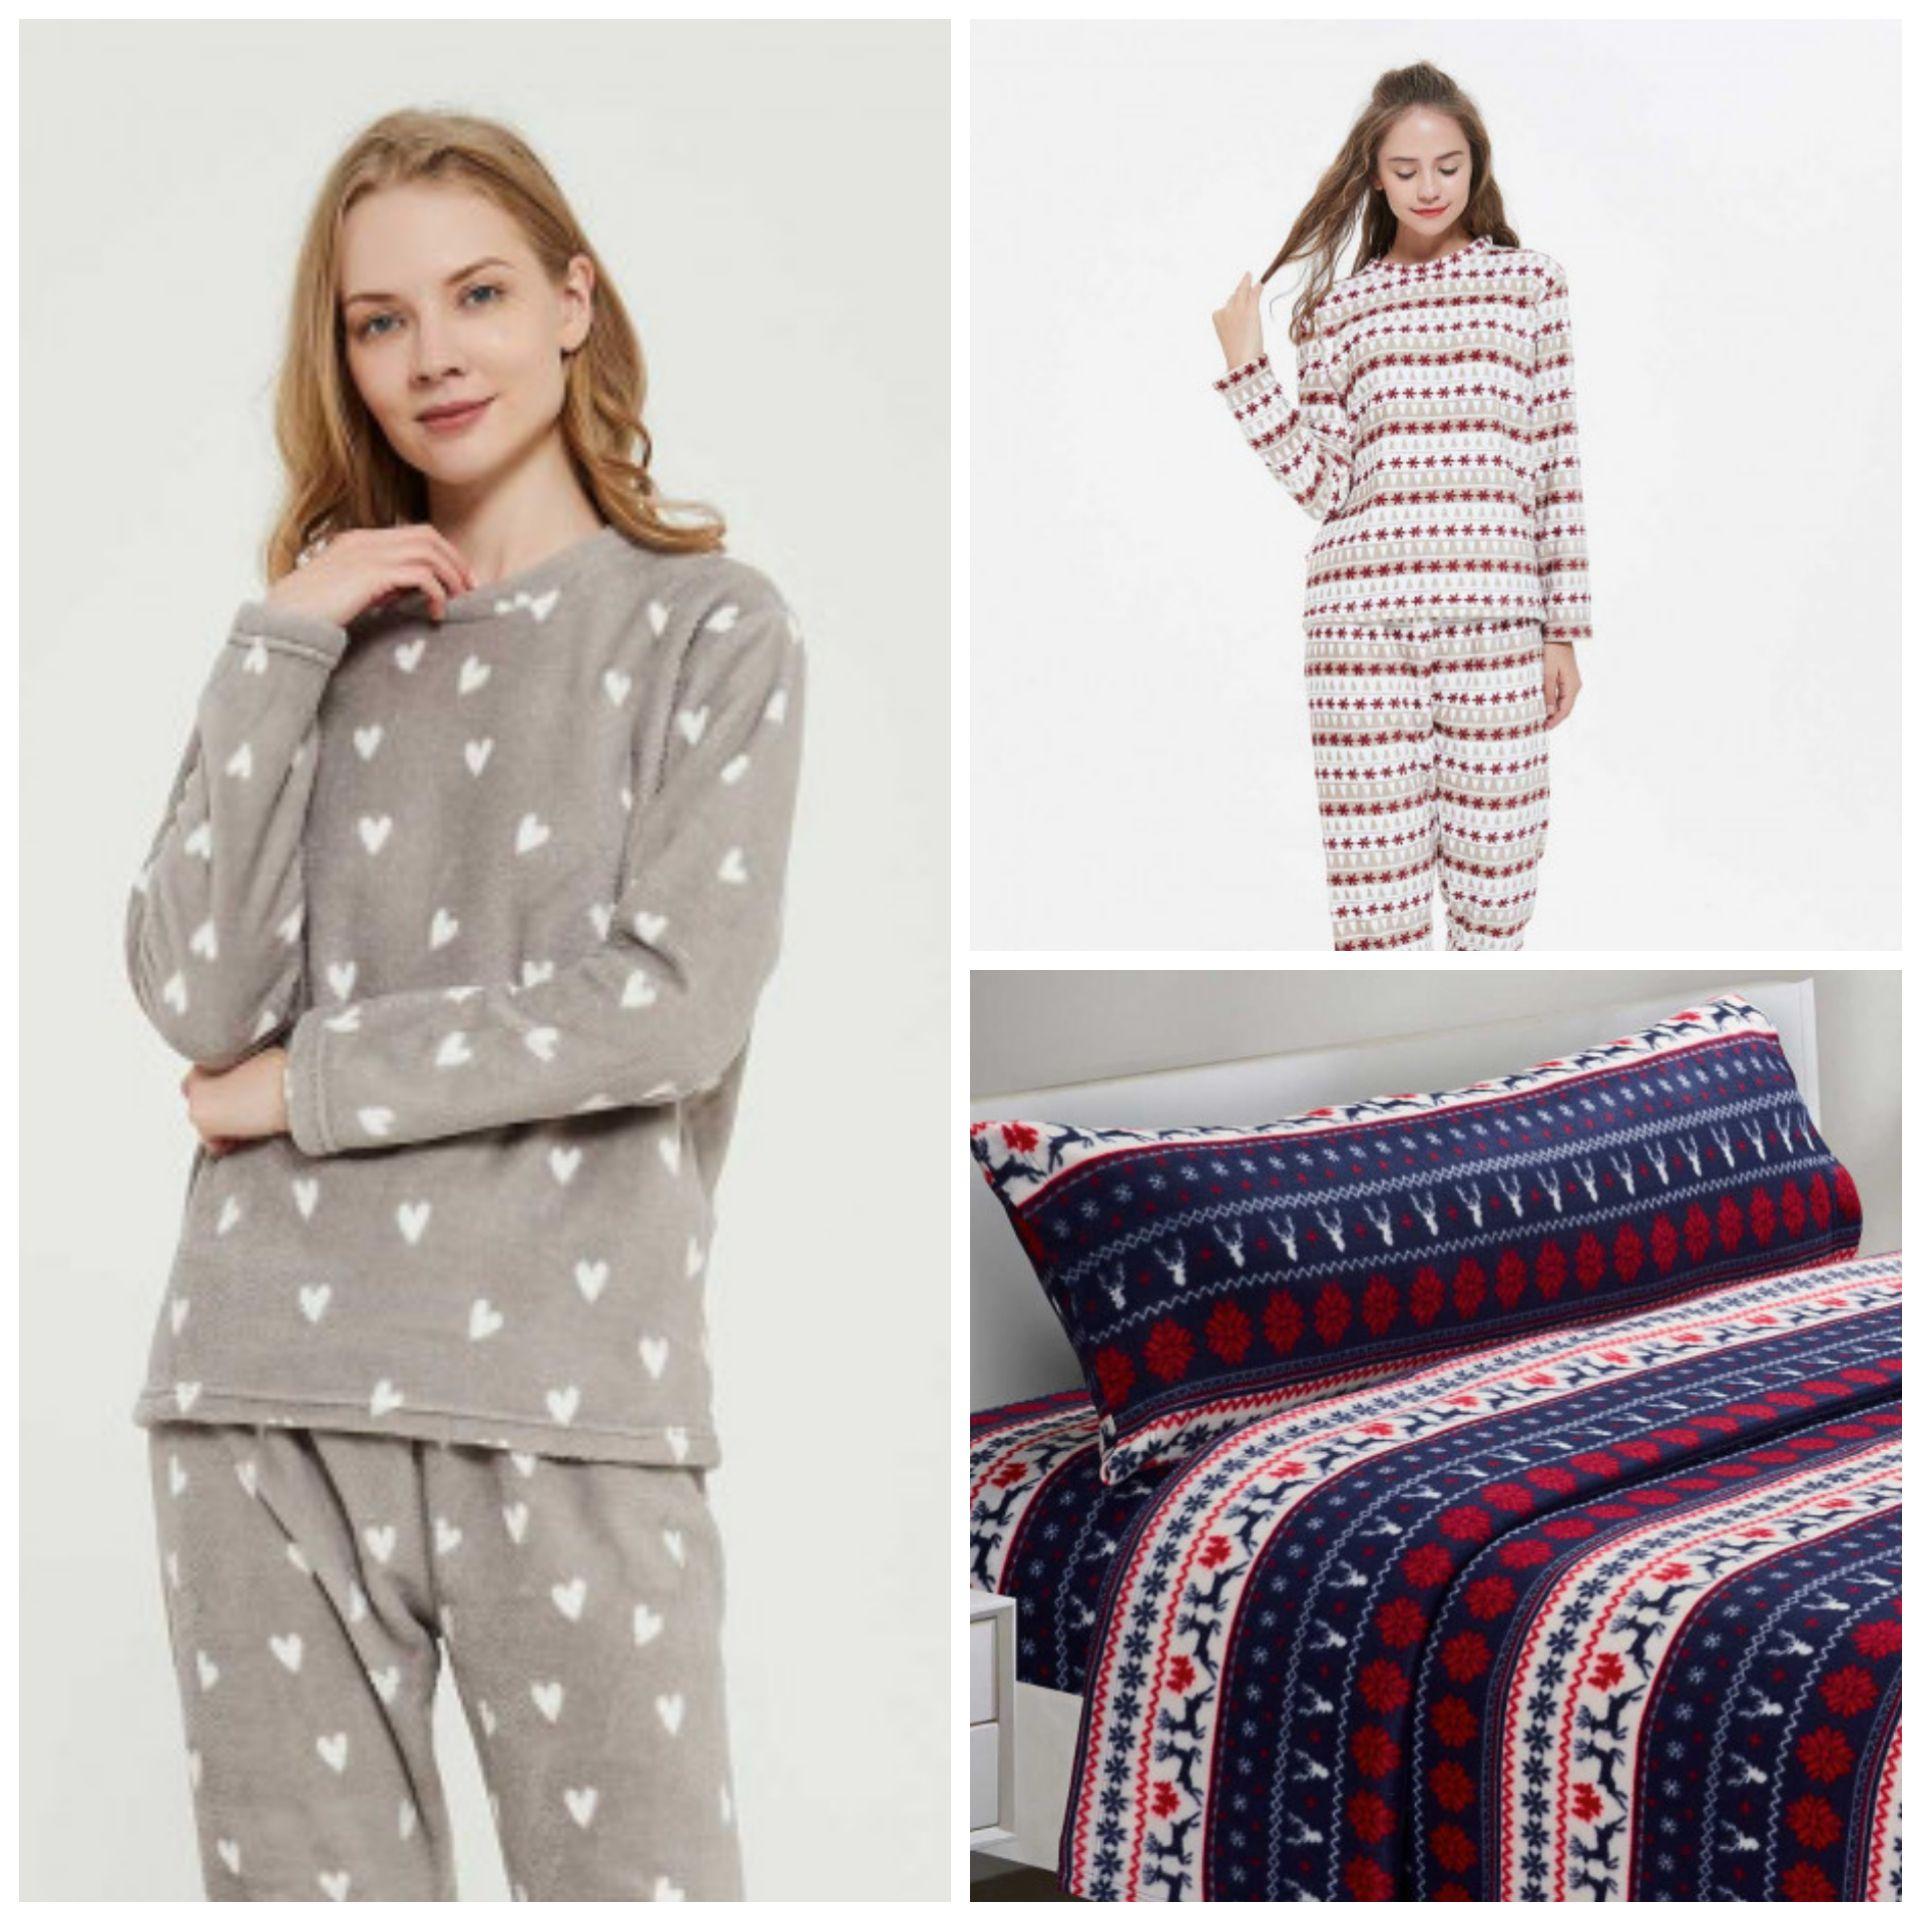 Pijamas para Mujer por 5,99€ y Juego de Sábanas Cama 90 por 9,99€